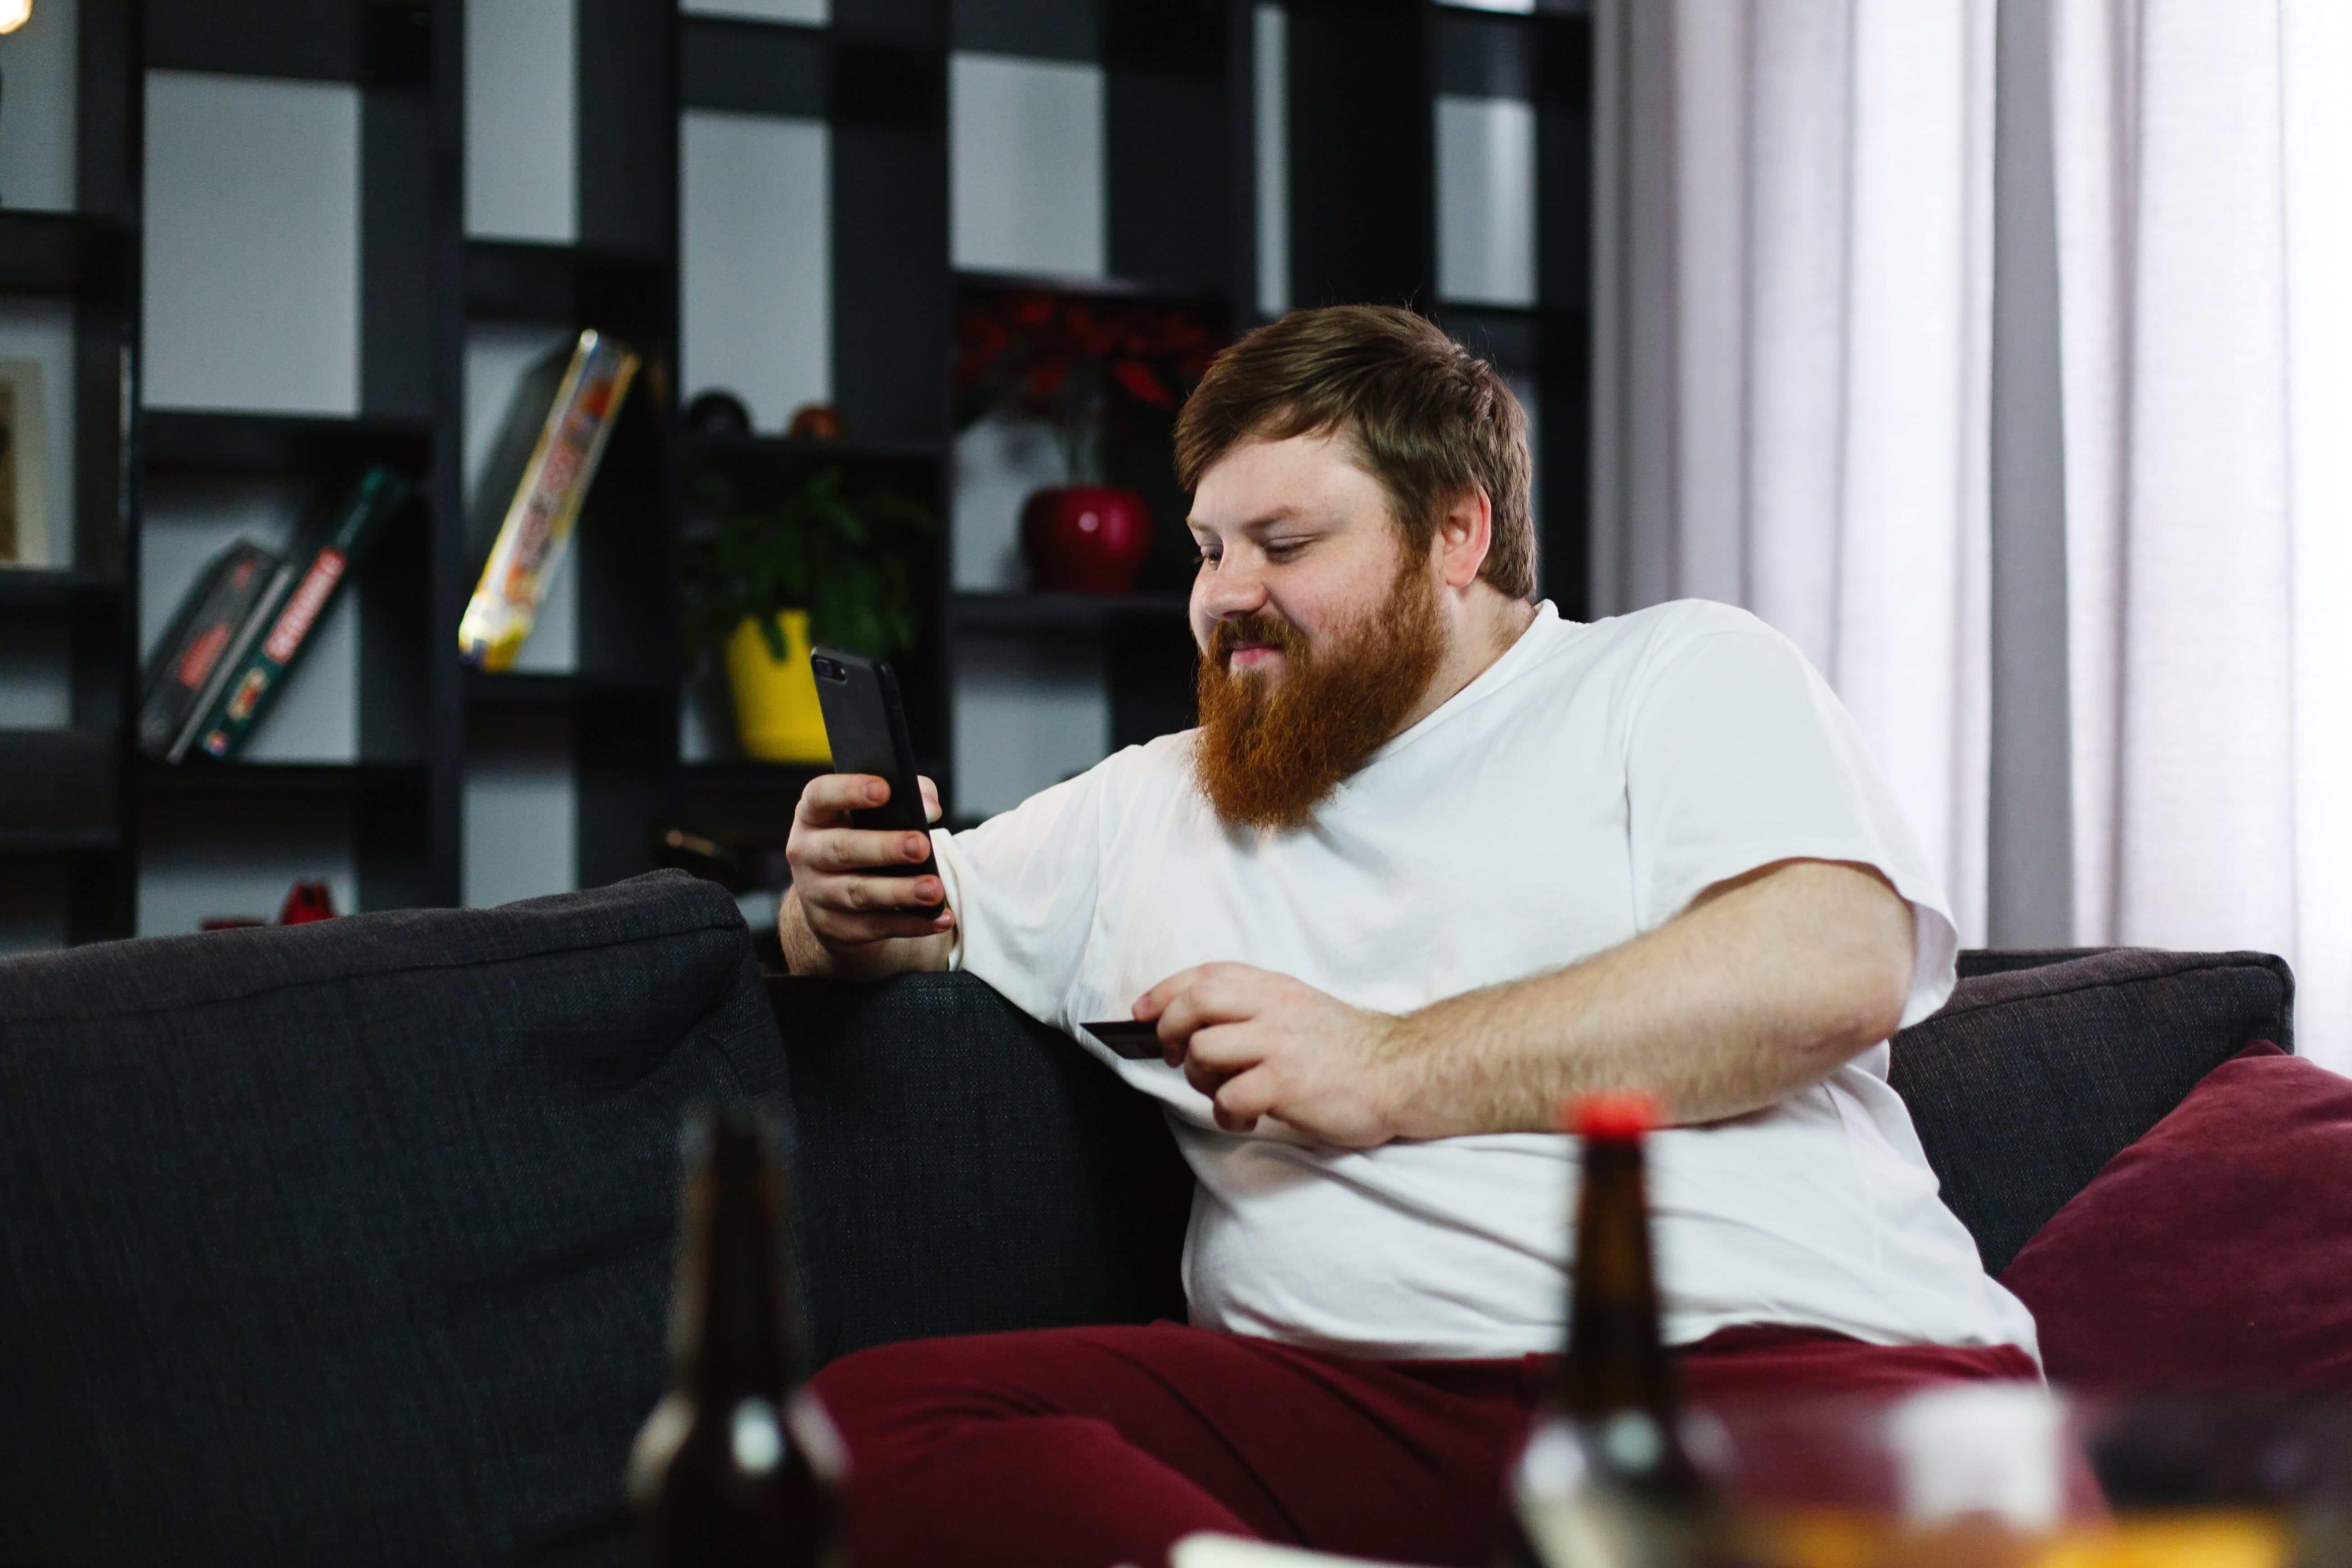 sedentarismo y obesidad